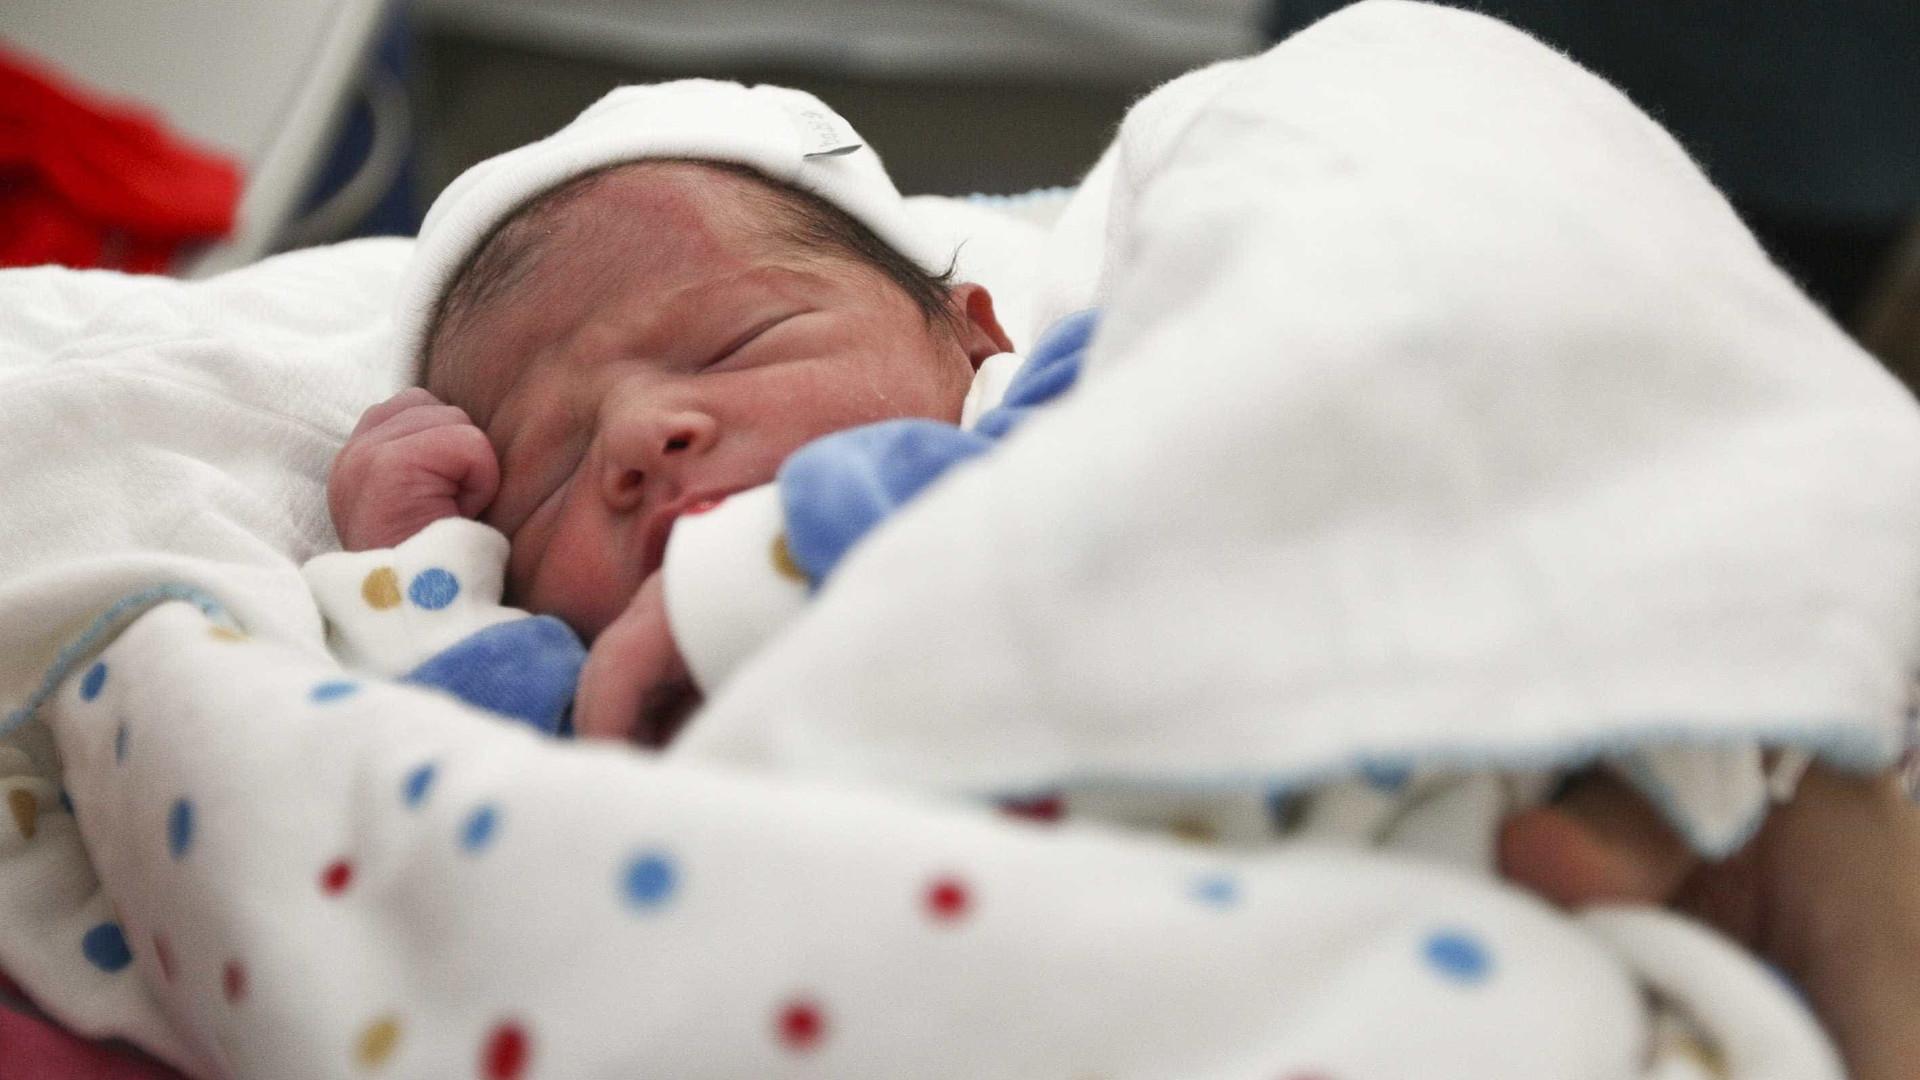 Pedida flexibilização fiscal e laboral para que se façam mais bebés